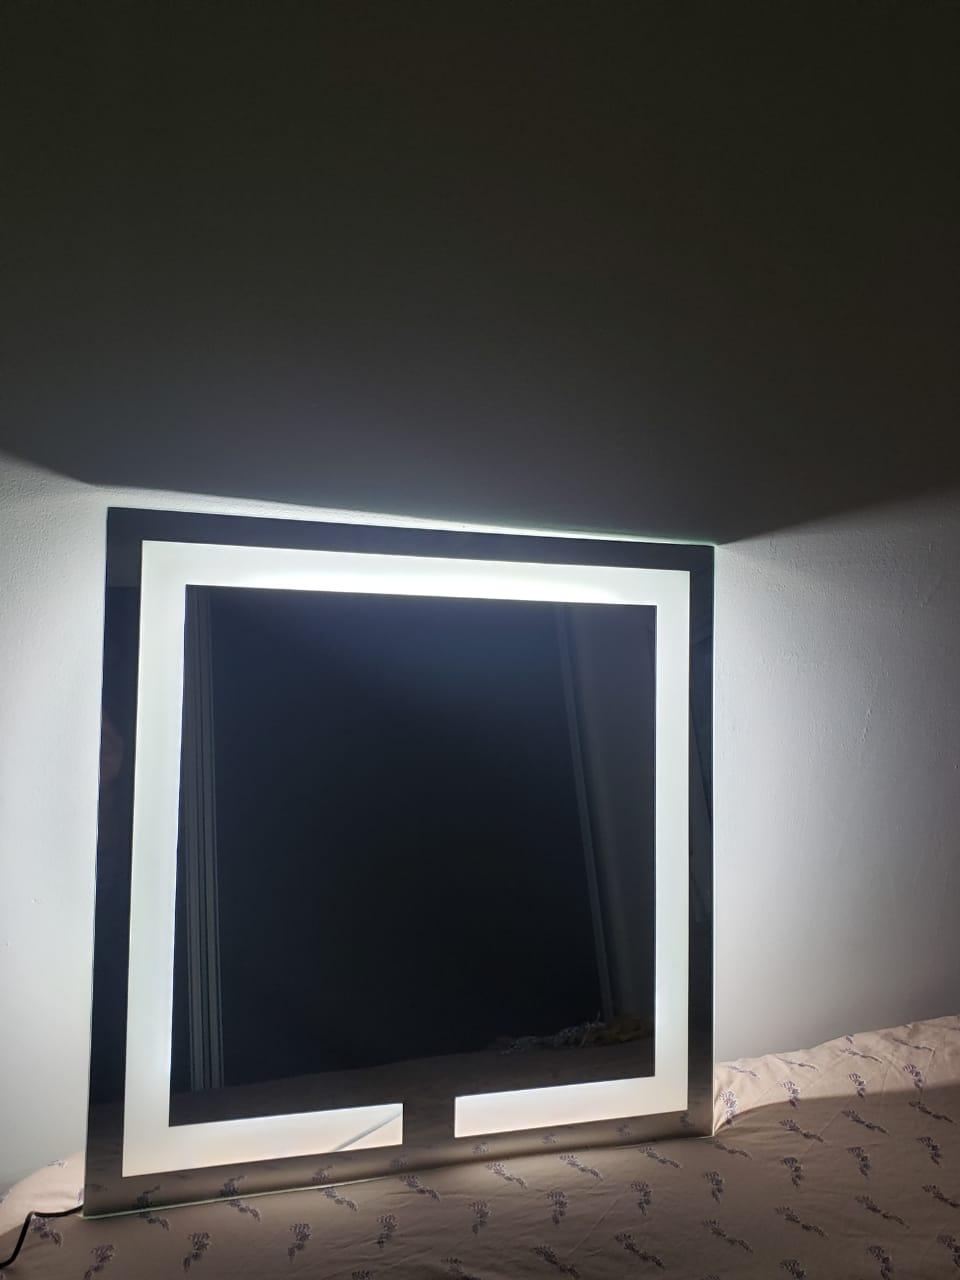 Espelho LED neutro quadrado iluminado jateado - 60x60cm